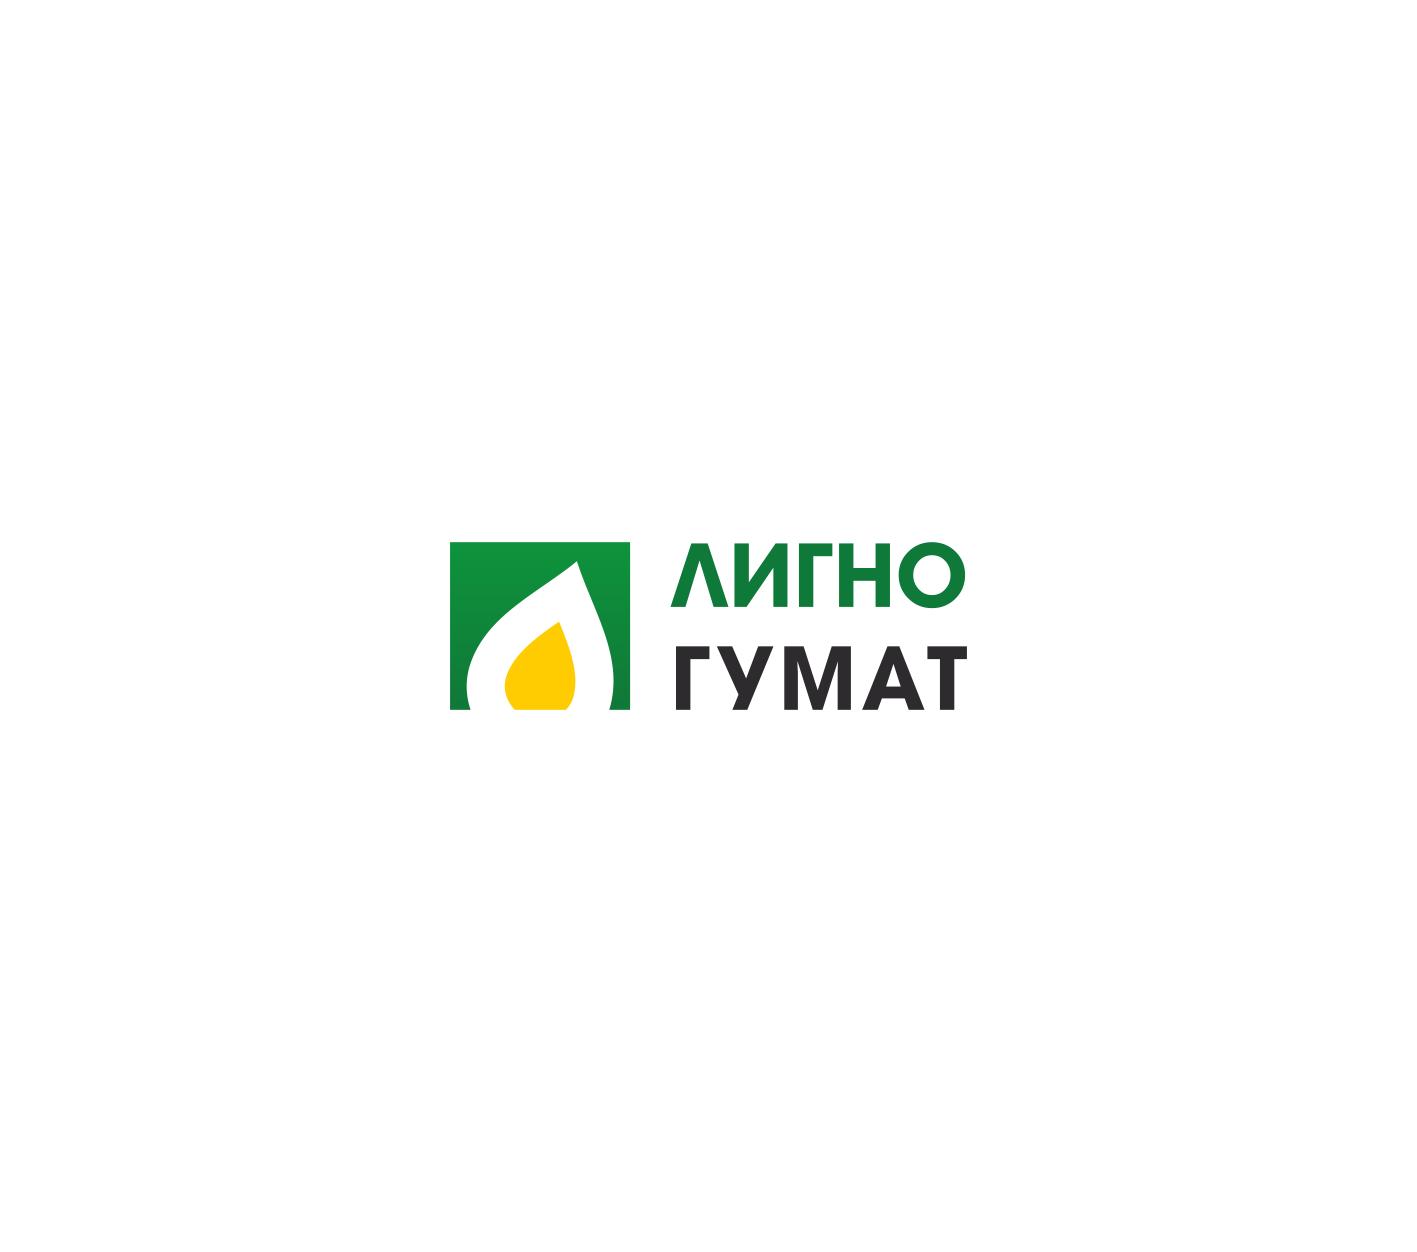 Логотип и фирменный стиль фото f_1055958dad462d5d.png